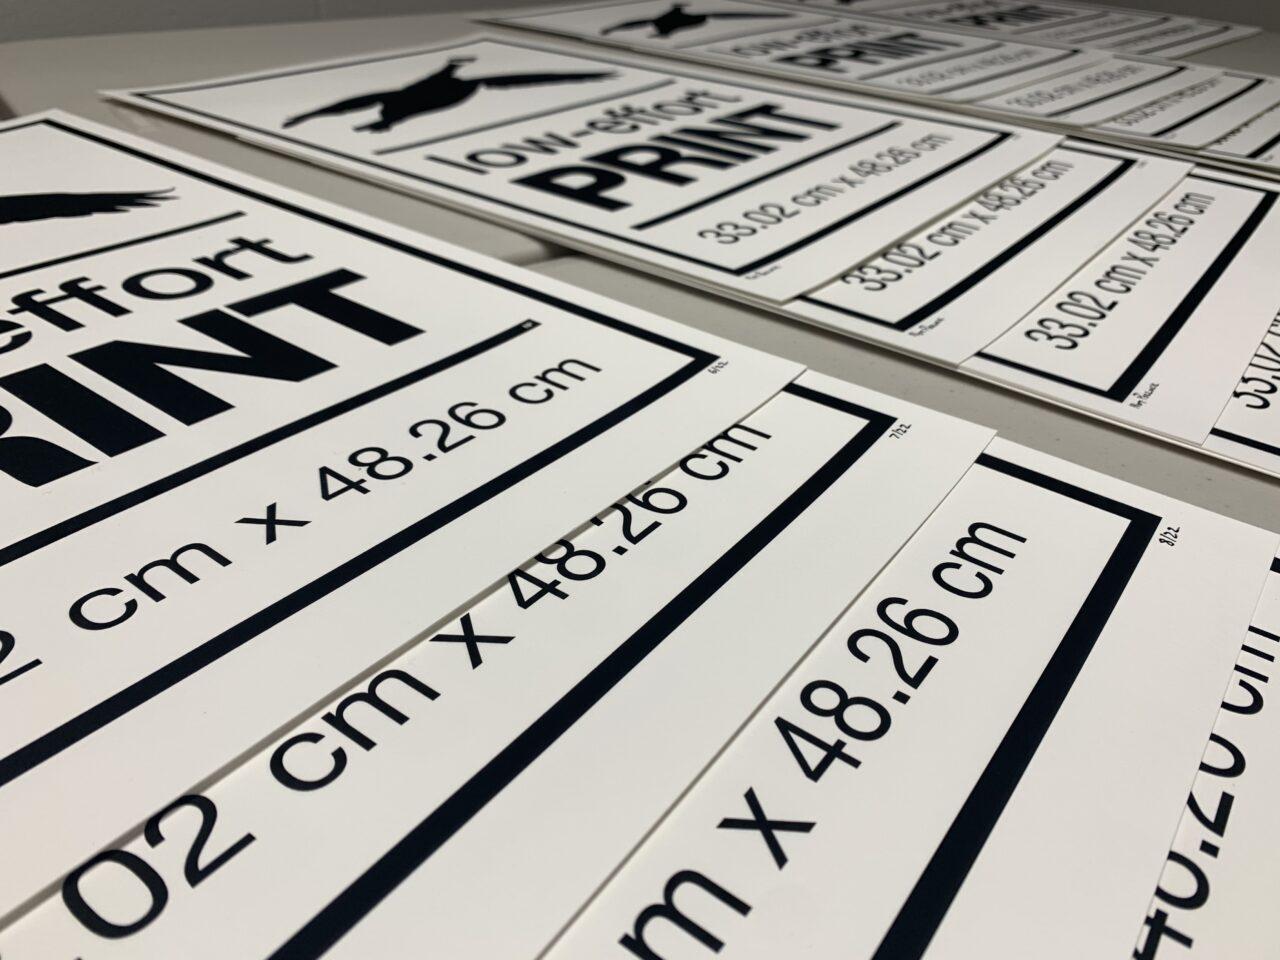 NP - 2020 - Goose - Low Effort Goose Print - v004 - 13x19 - table zoom